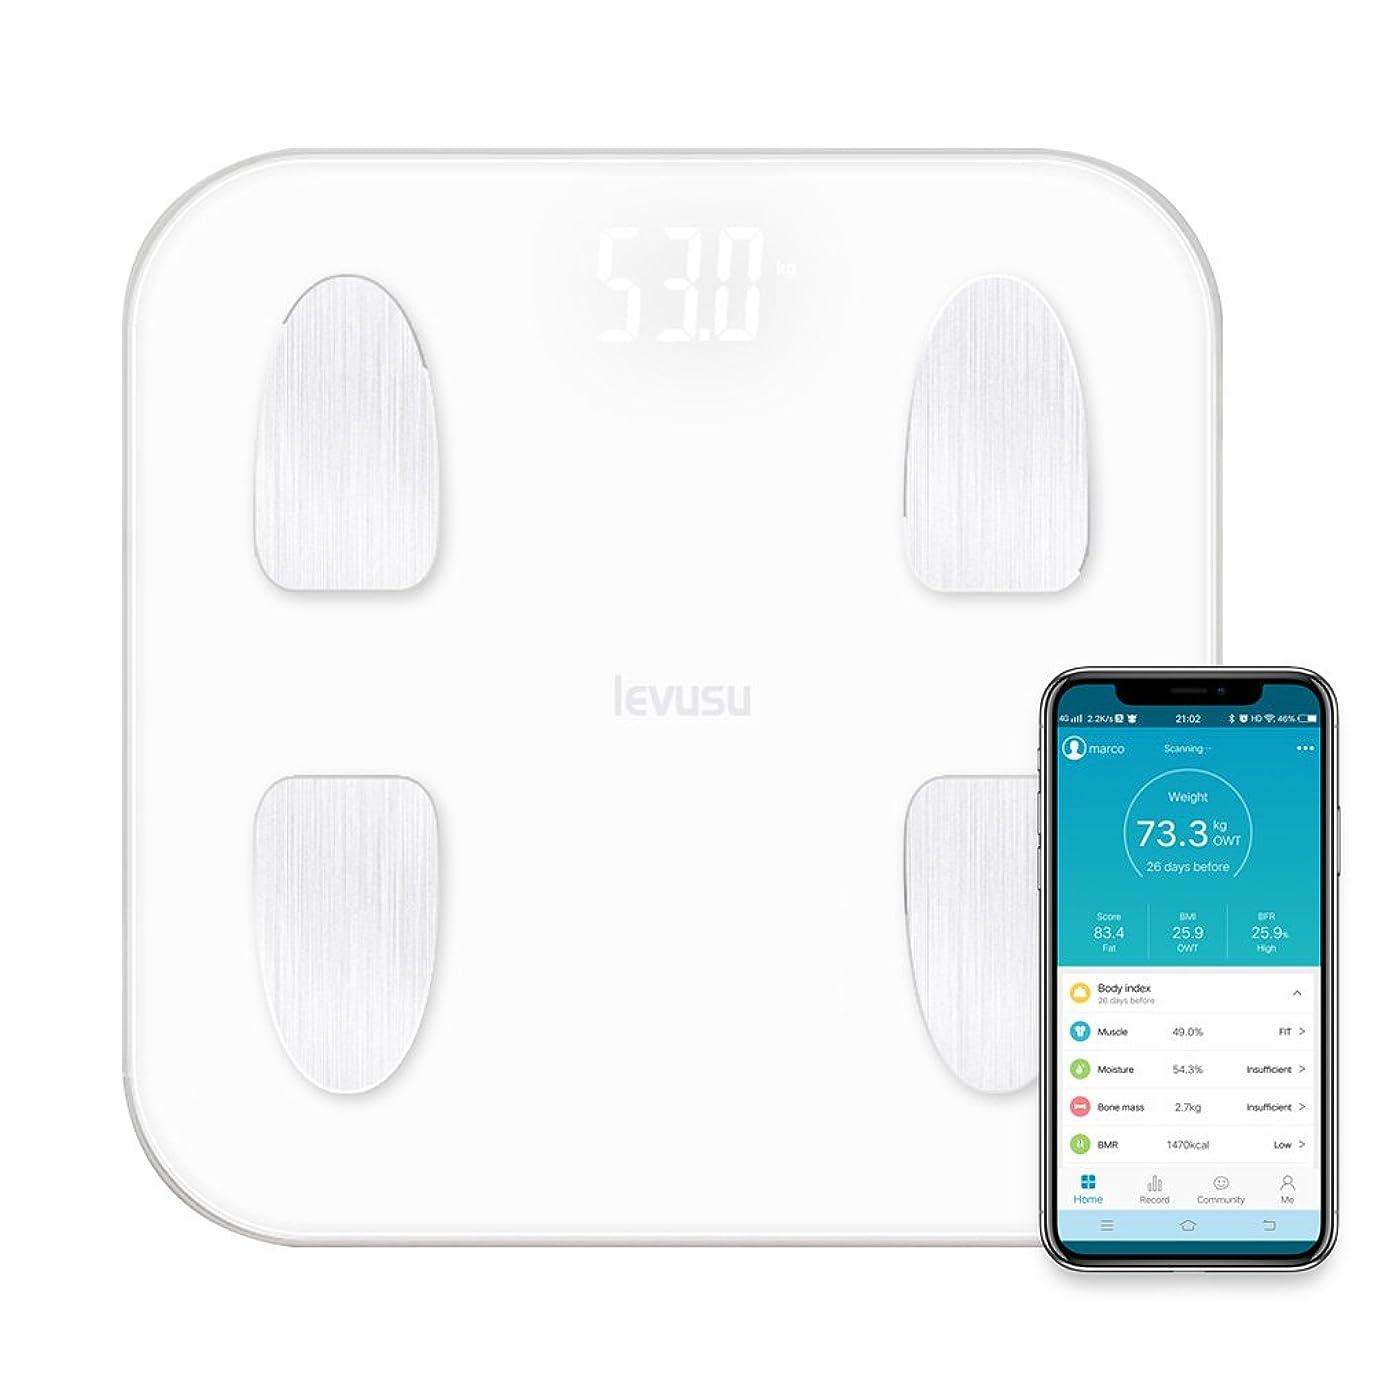 壊す不条理受け継ぐLevusu 180KG 高精度 体重計 体組成計 体脂肪計 スマートスケール ダイエット 体脂肪/体水分/筋肉量/など14つの項目測定 赤ちゃんモート 自動ON/OFF Bluetooth対応 iOS/Android